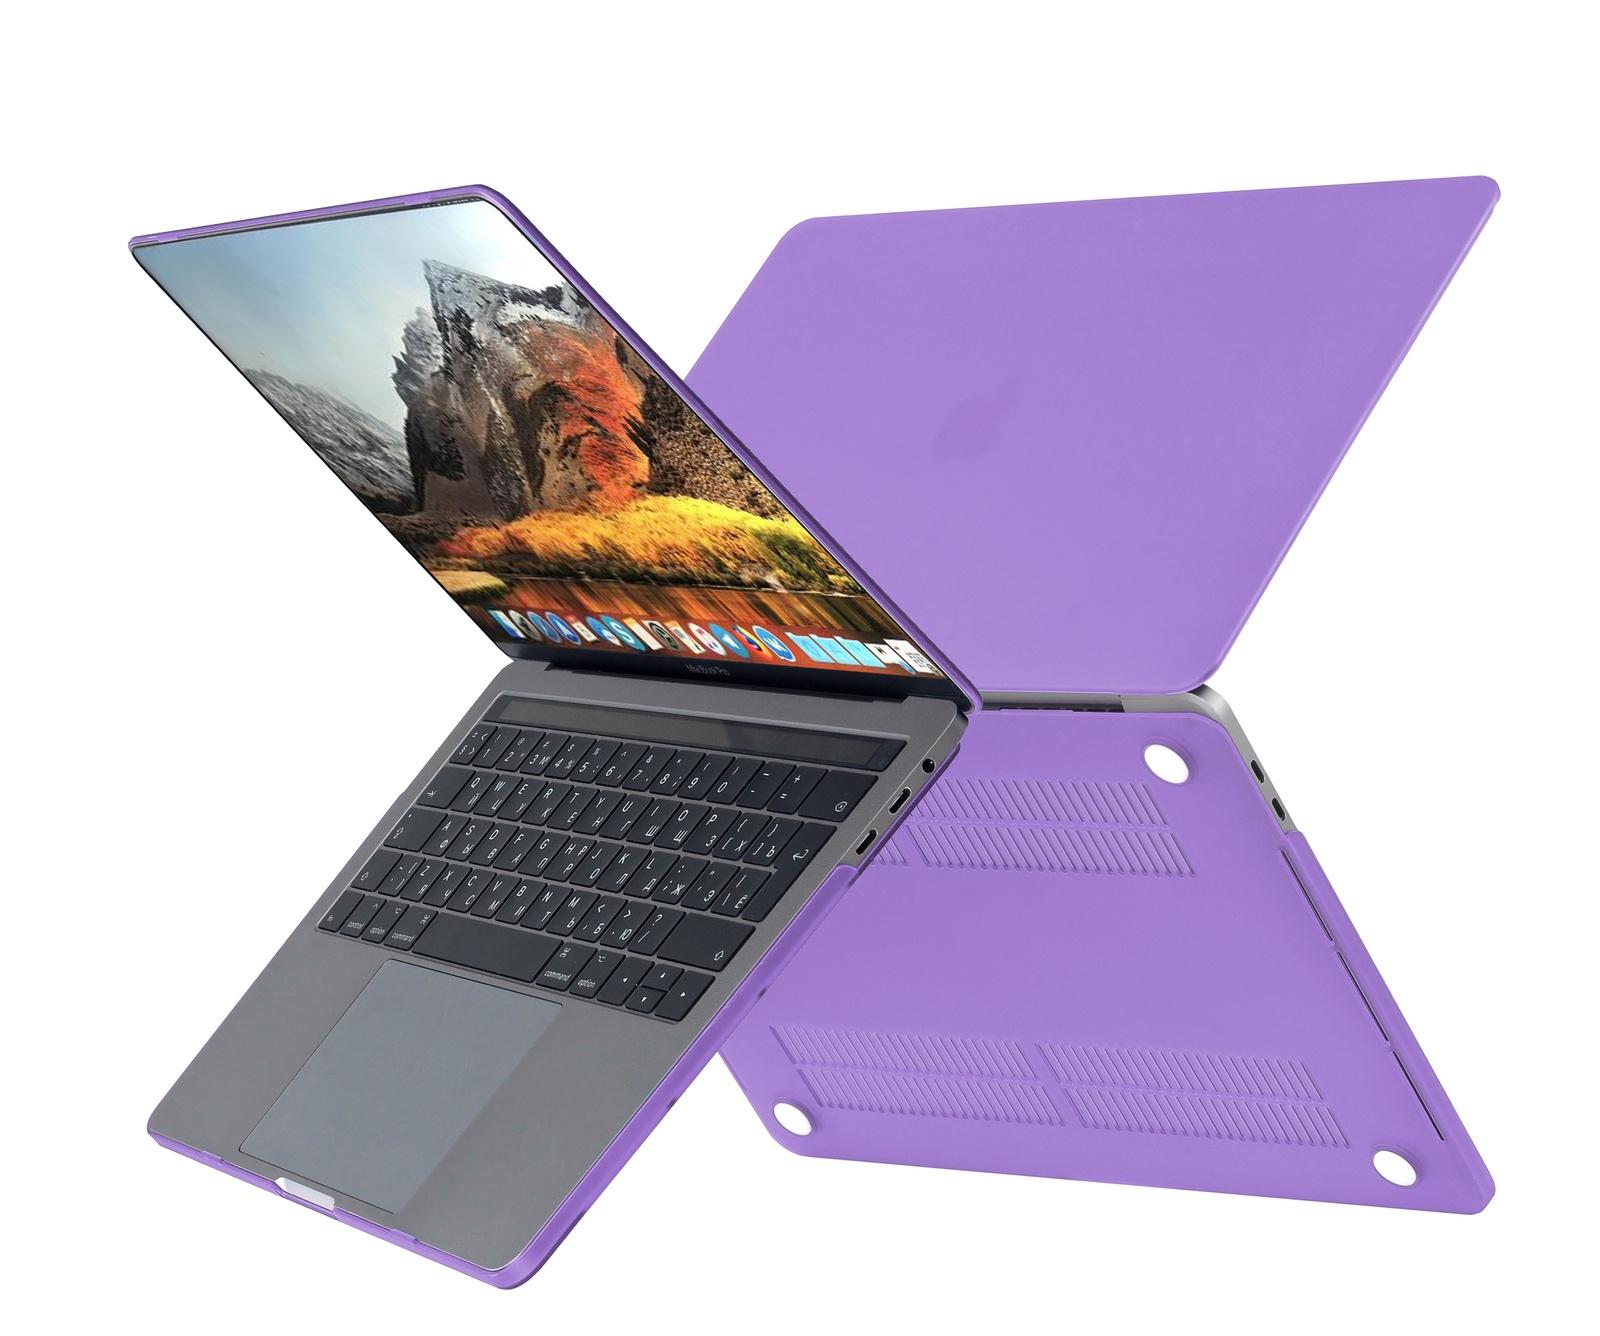 все цены на Чехол HardShell Case для Macbook Pro 13 Retina, фиолетовый онлайн